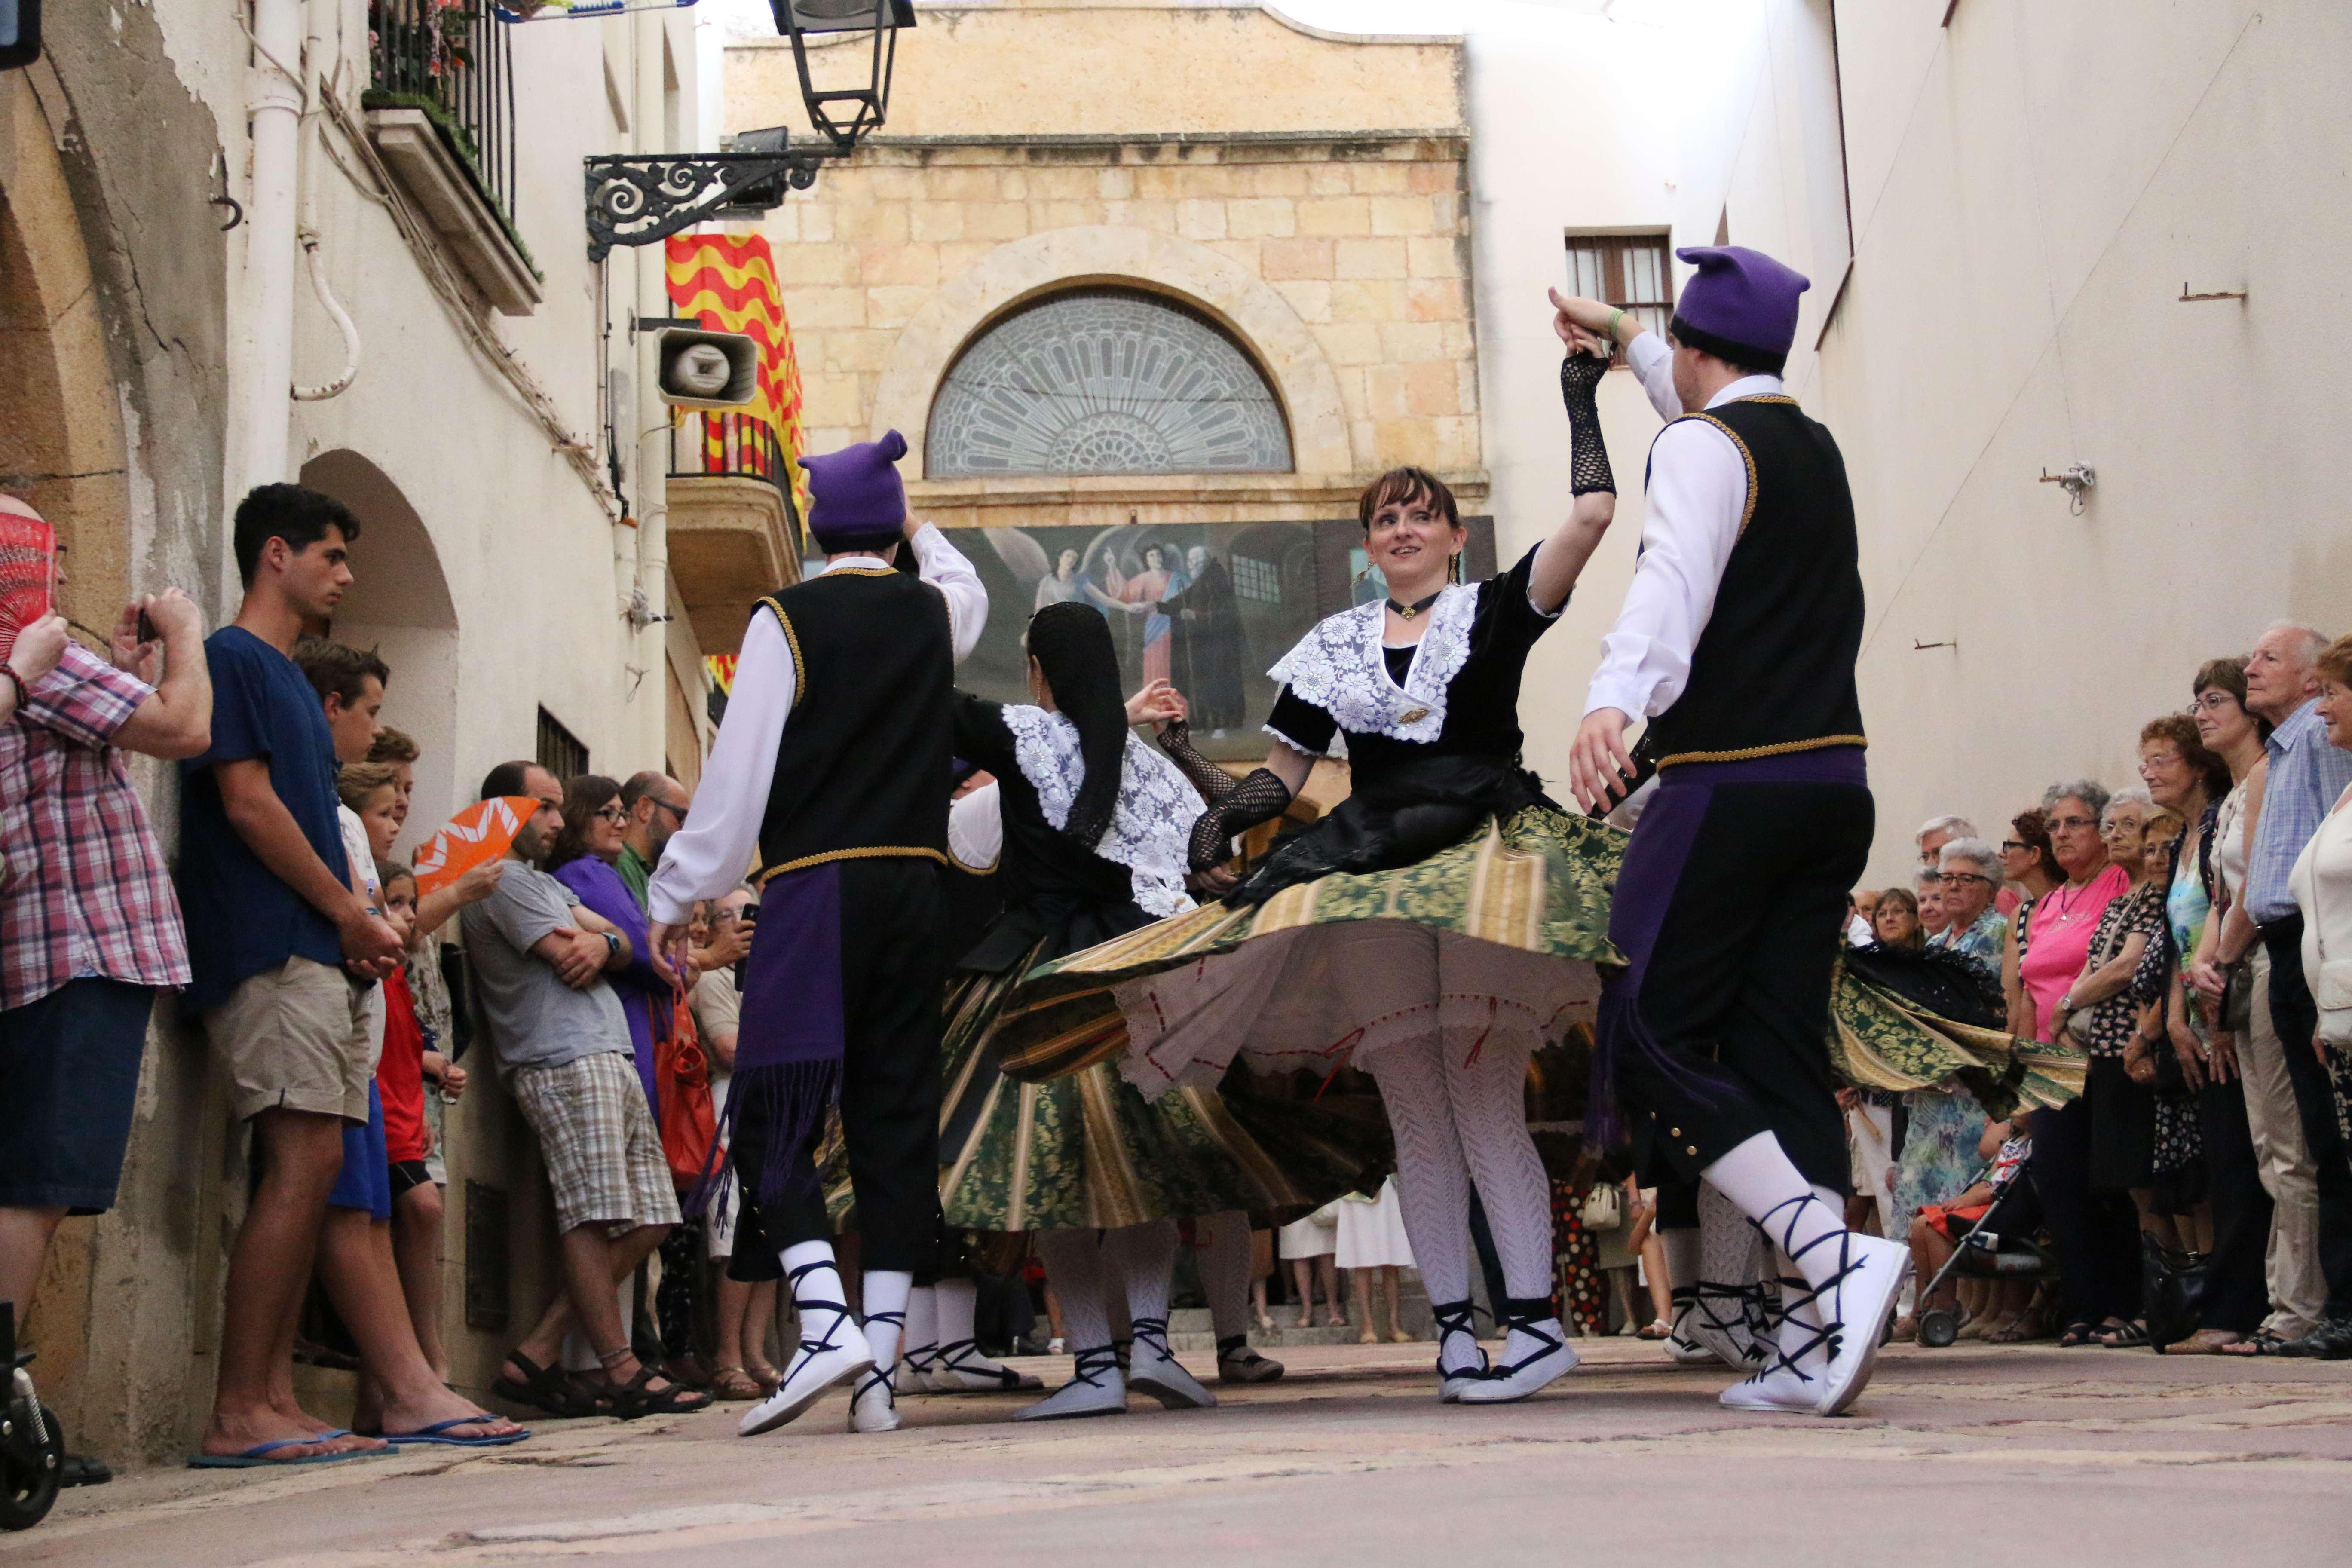 Representació del Ball Pla de Sant Magí a càrrec de l'Esbart Dansaire